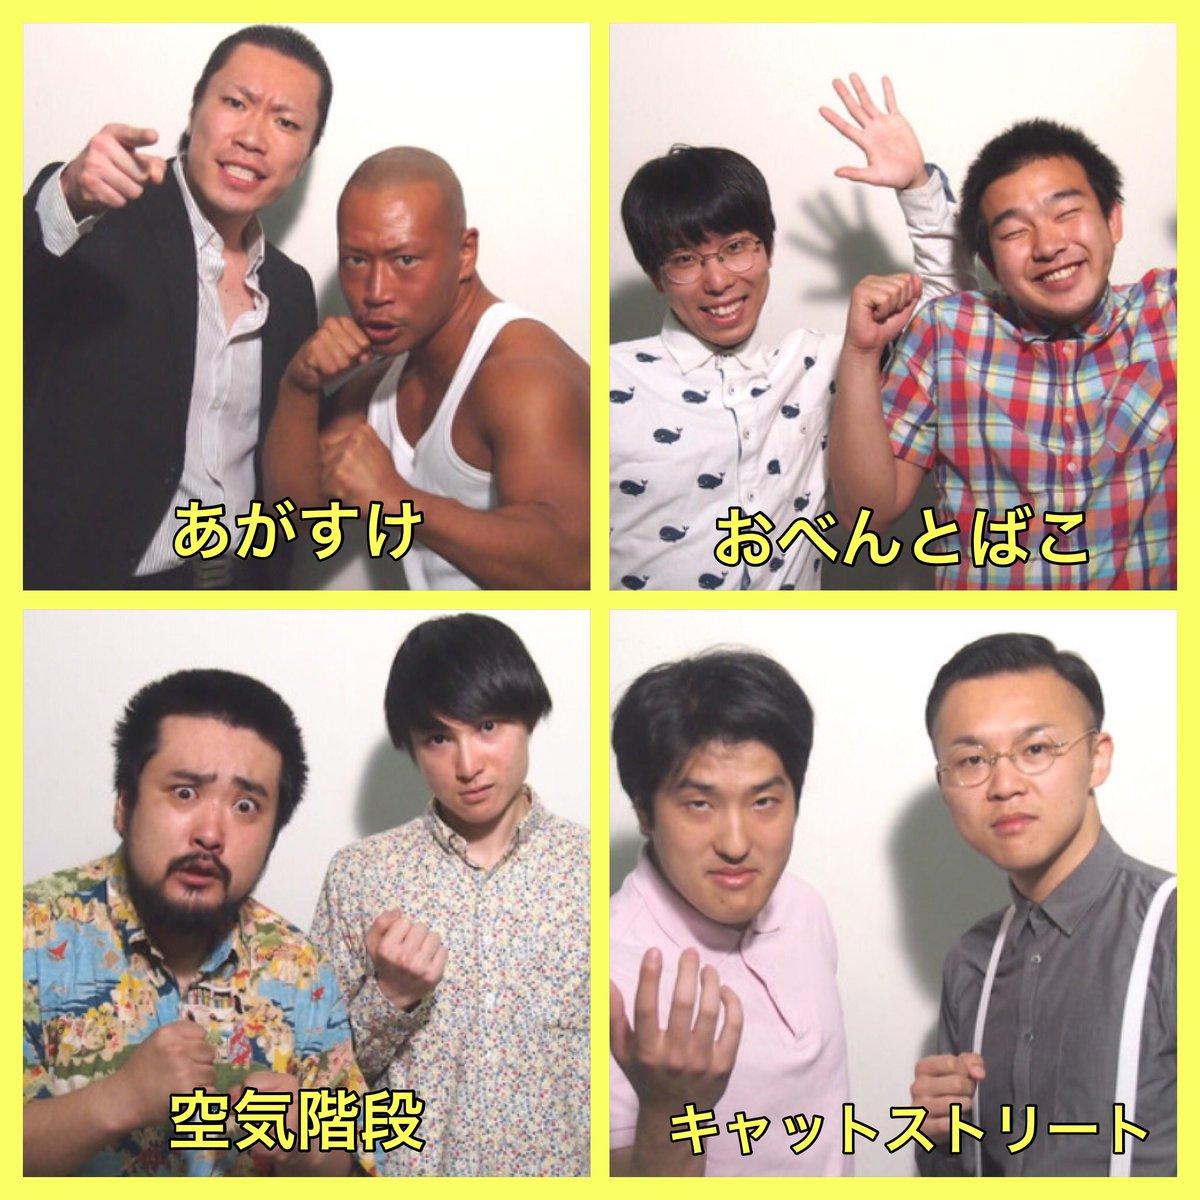 """笑あがき・笑けずりfan垢 auf Twitter: """"笑けずり第2弾コント編に 登場 ..."""